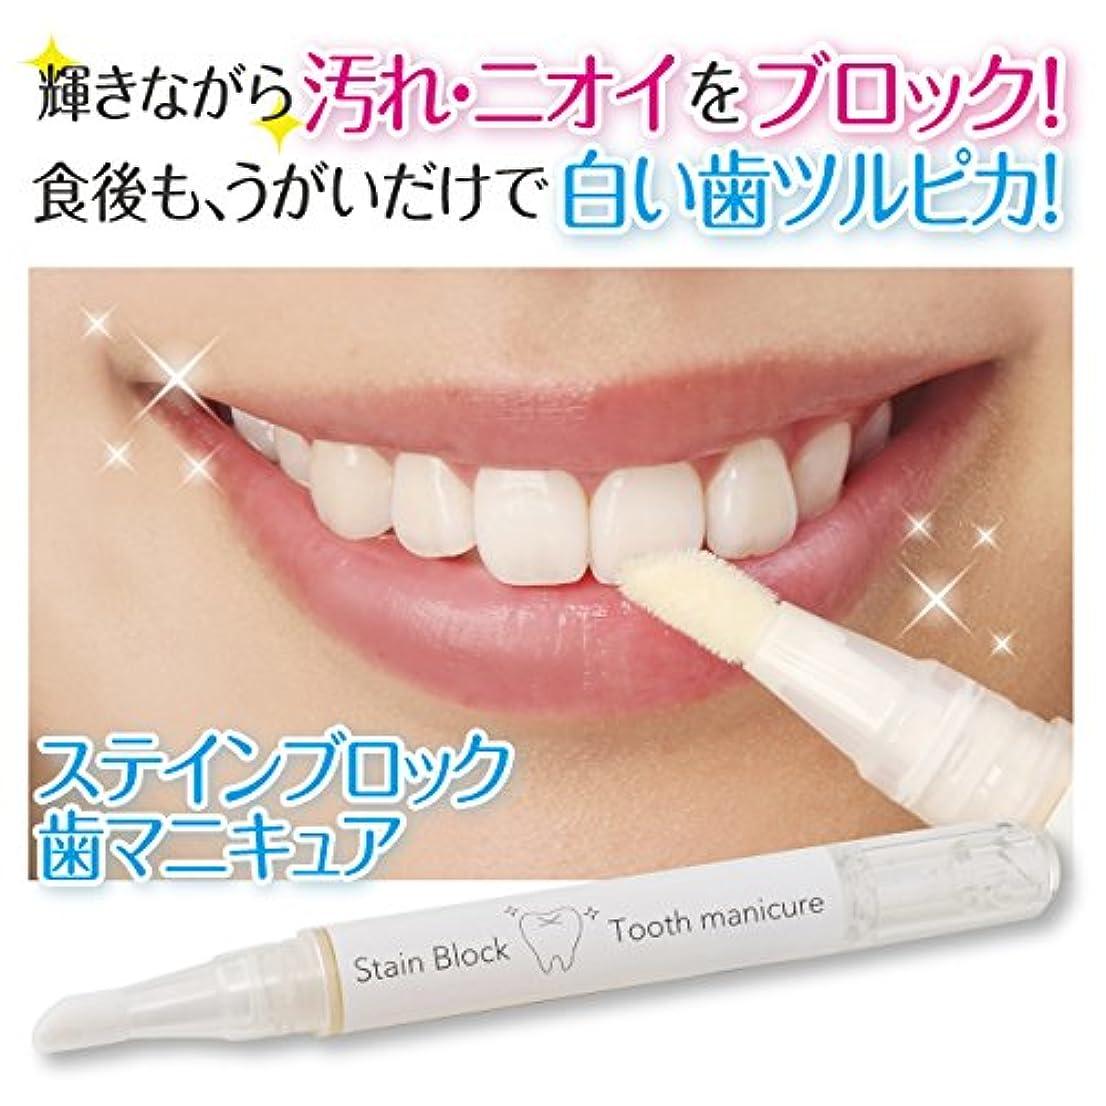 競争力のあるセラフきょうだいステインブロック歯マニキュア